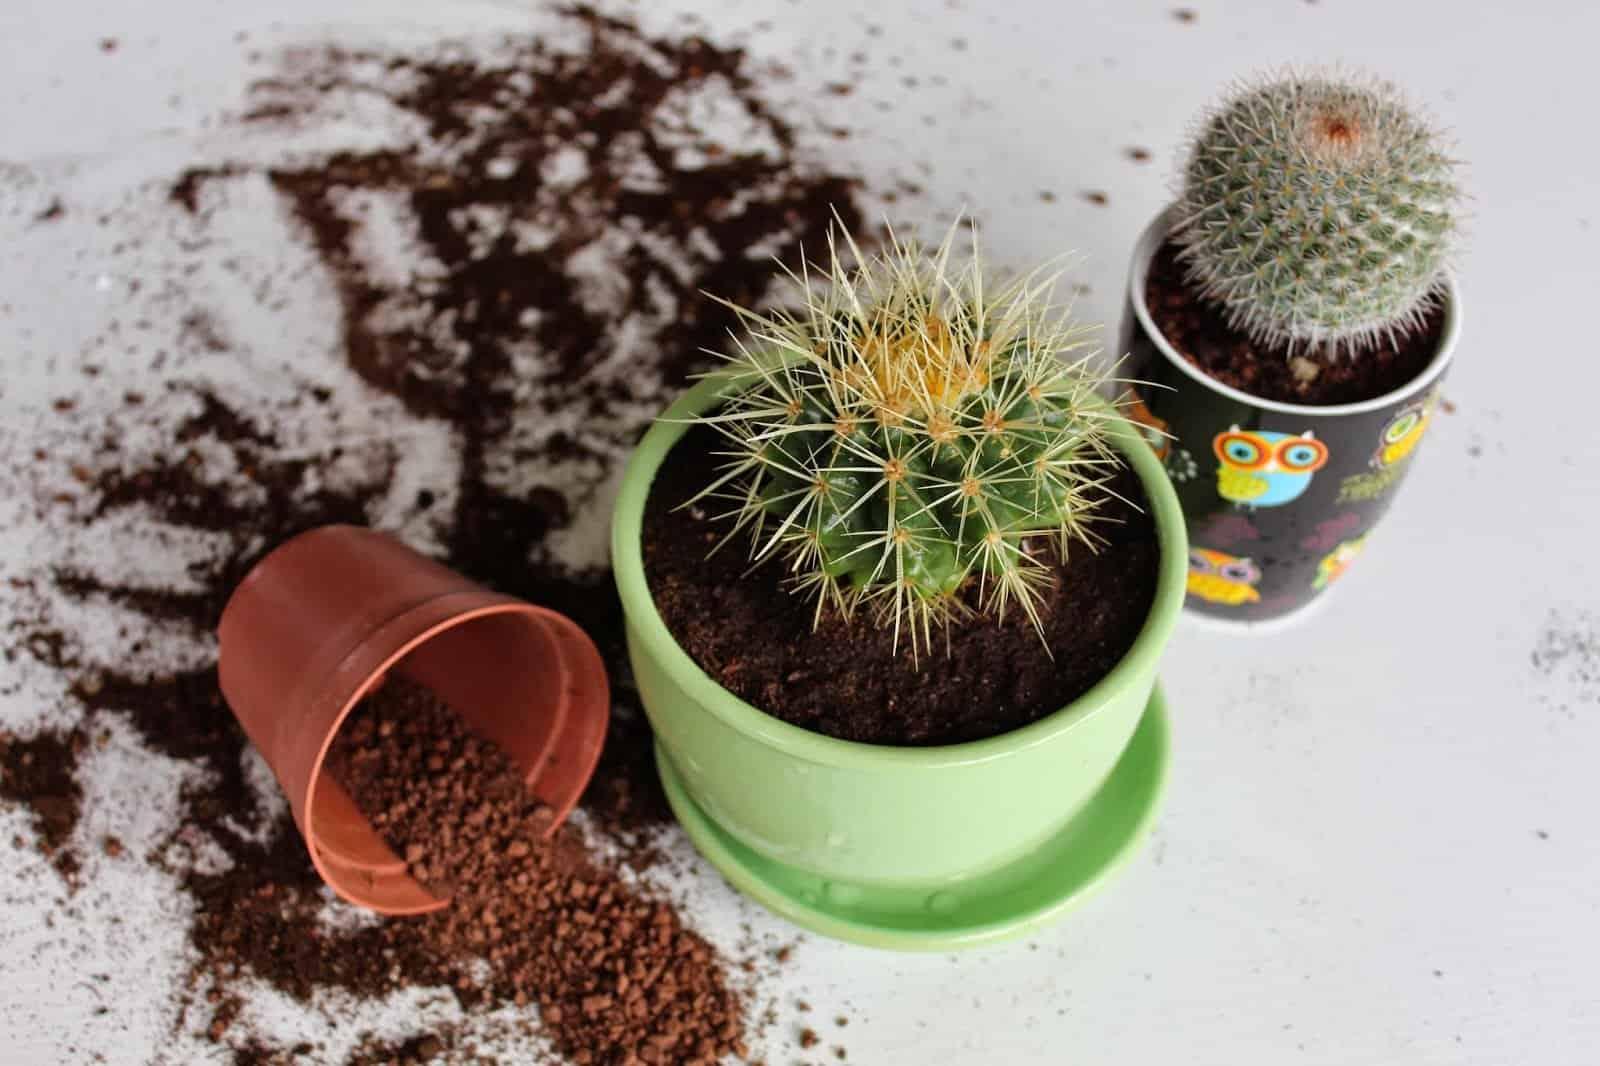 Как вырастить алоэ в домашних условиях: посадка и размножение